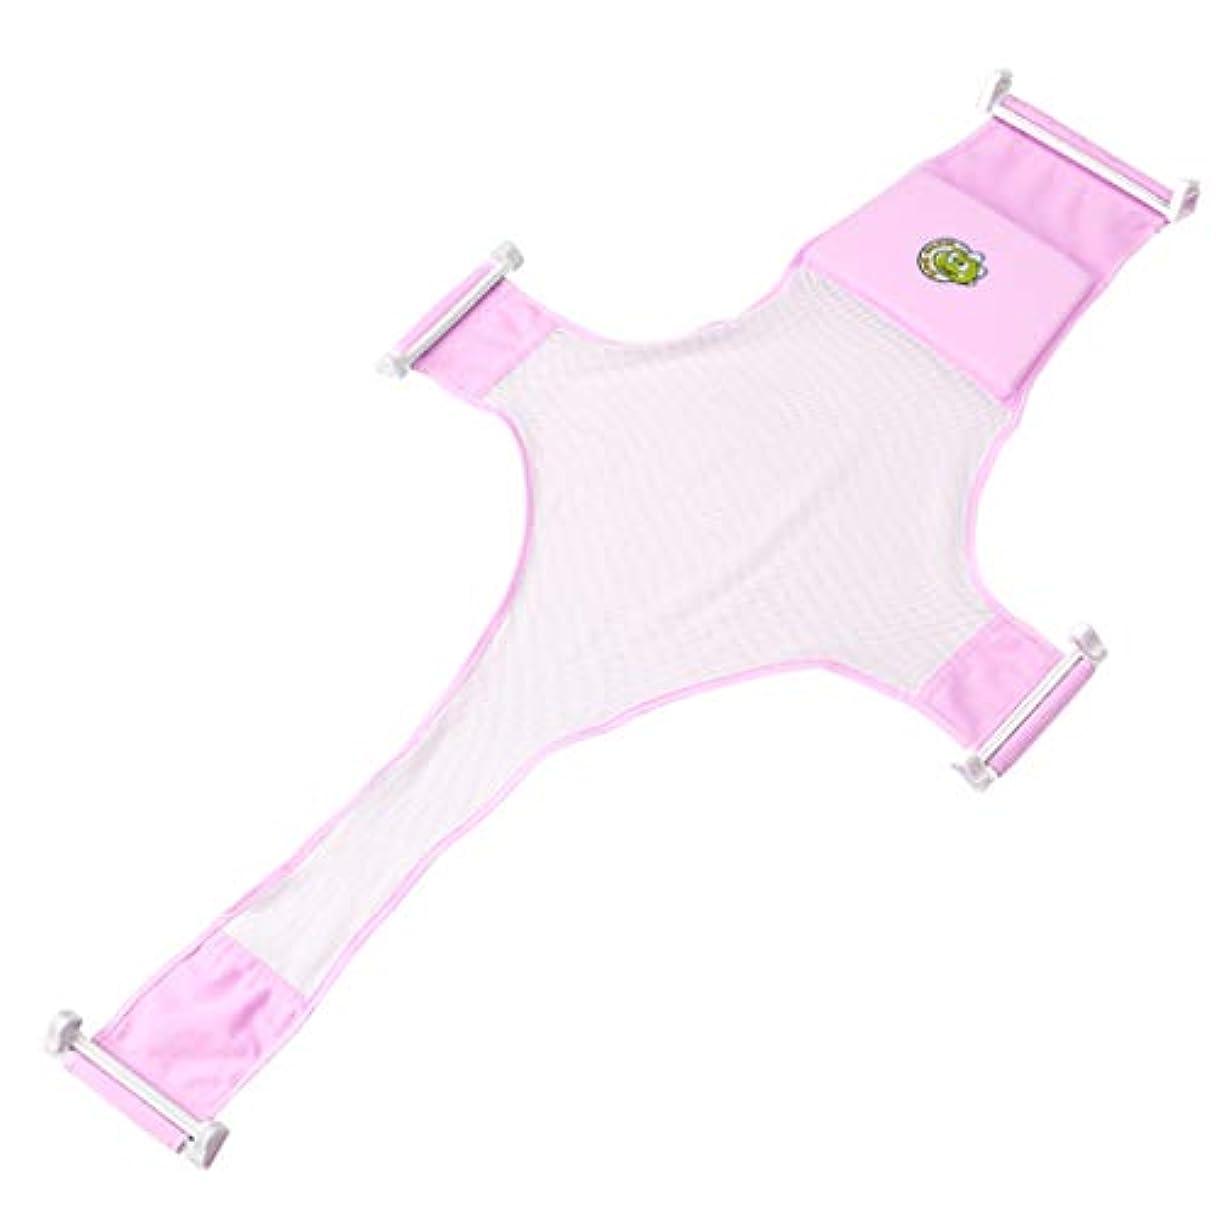 染色ゲージ途方もないOniorベビー十字架支網 調節可能 座席 支持網 滑り止め 快適 入浴 スタンドサスペンダー ハンモック 柔らかい ピンク